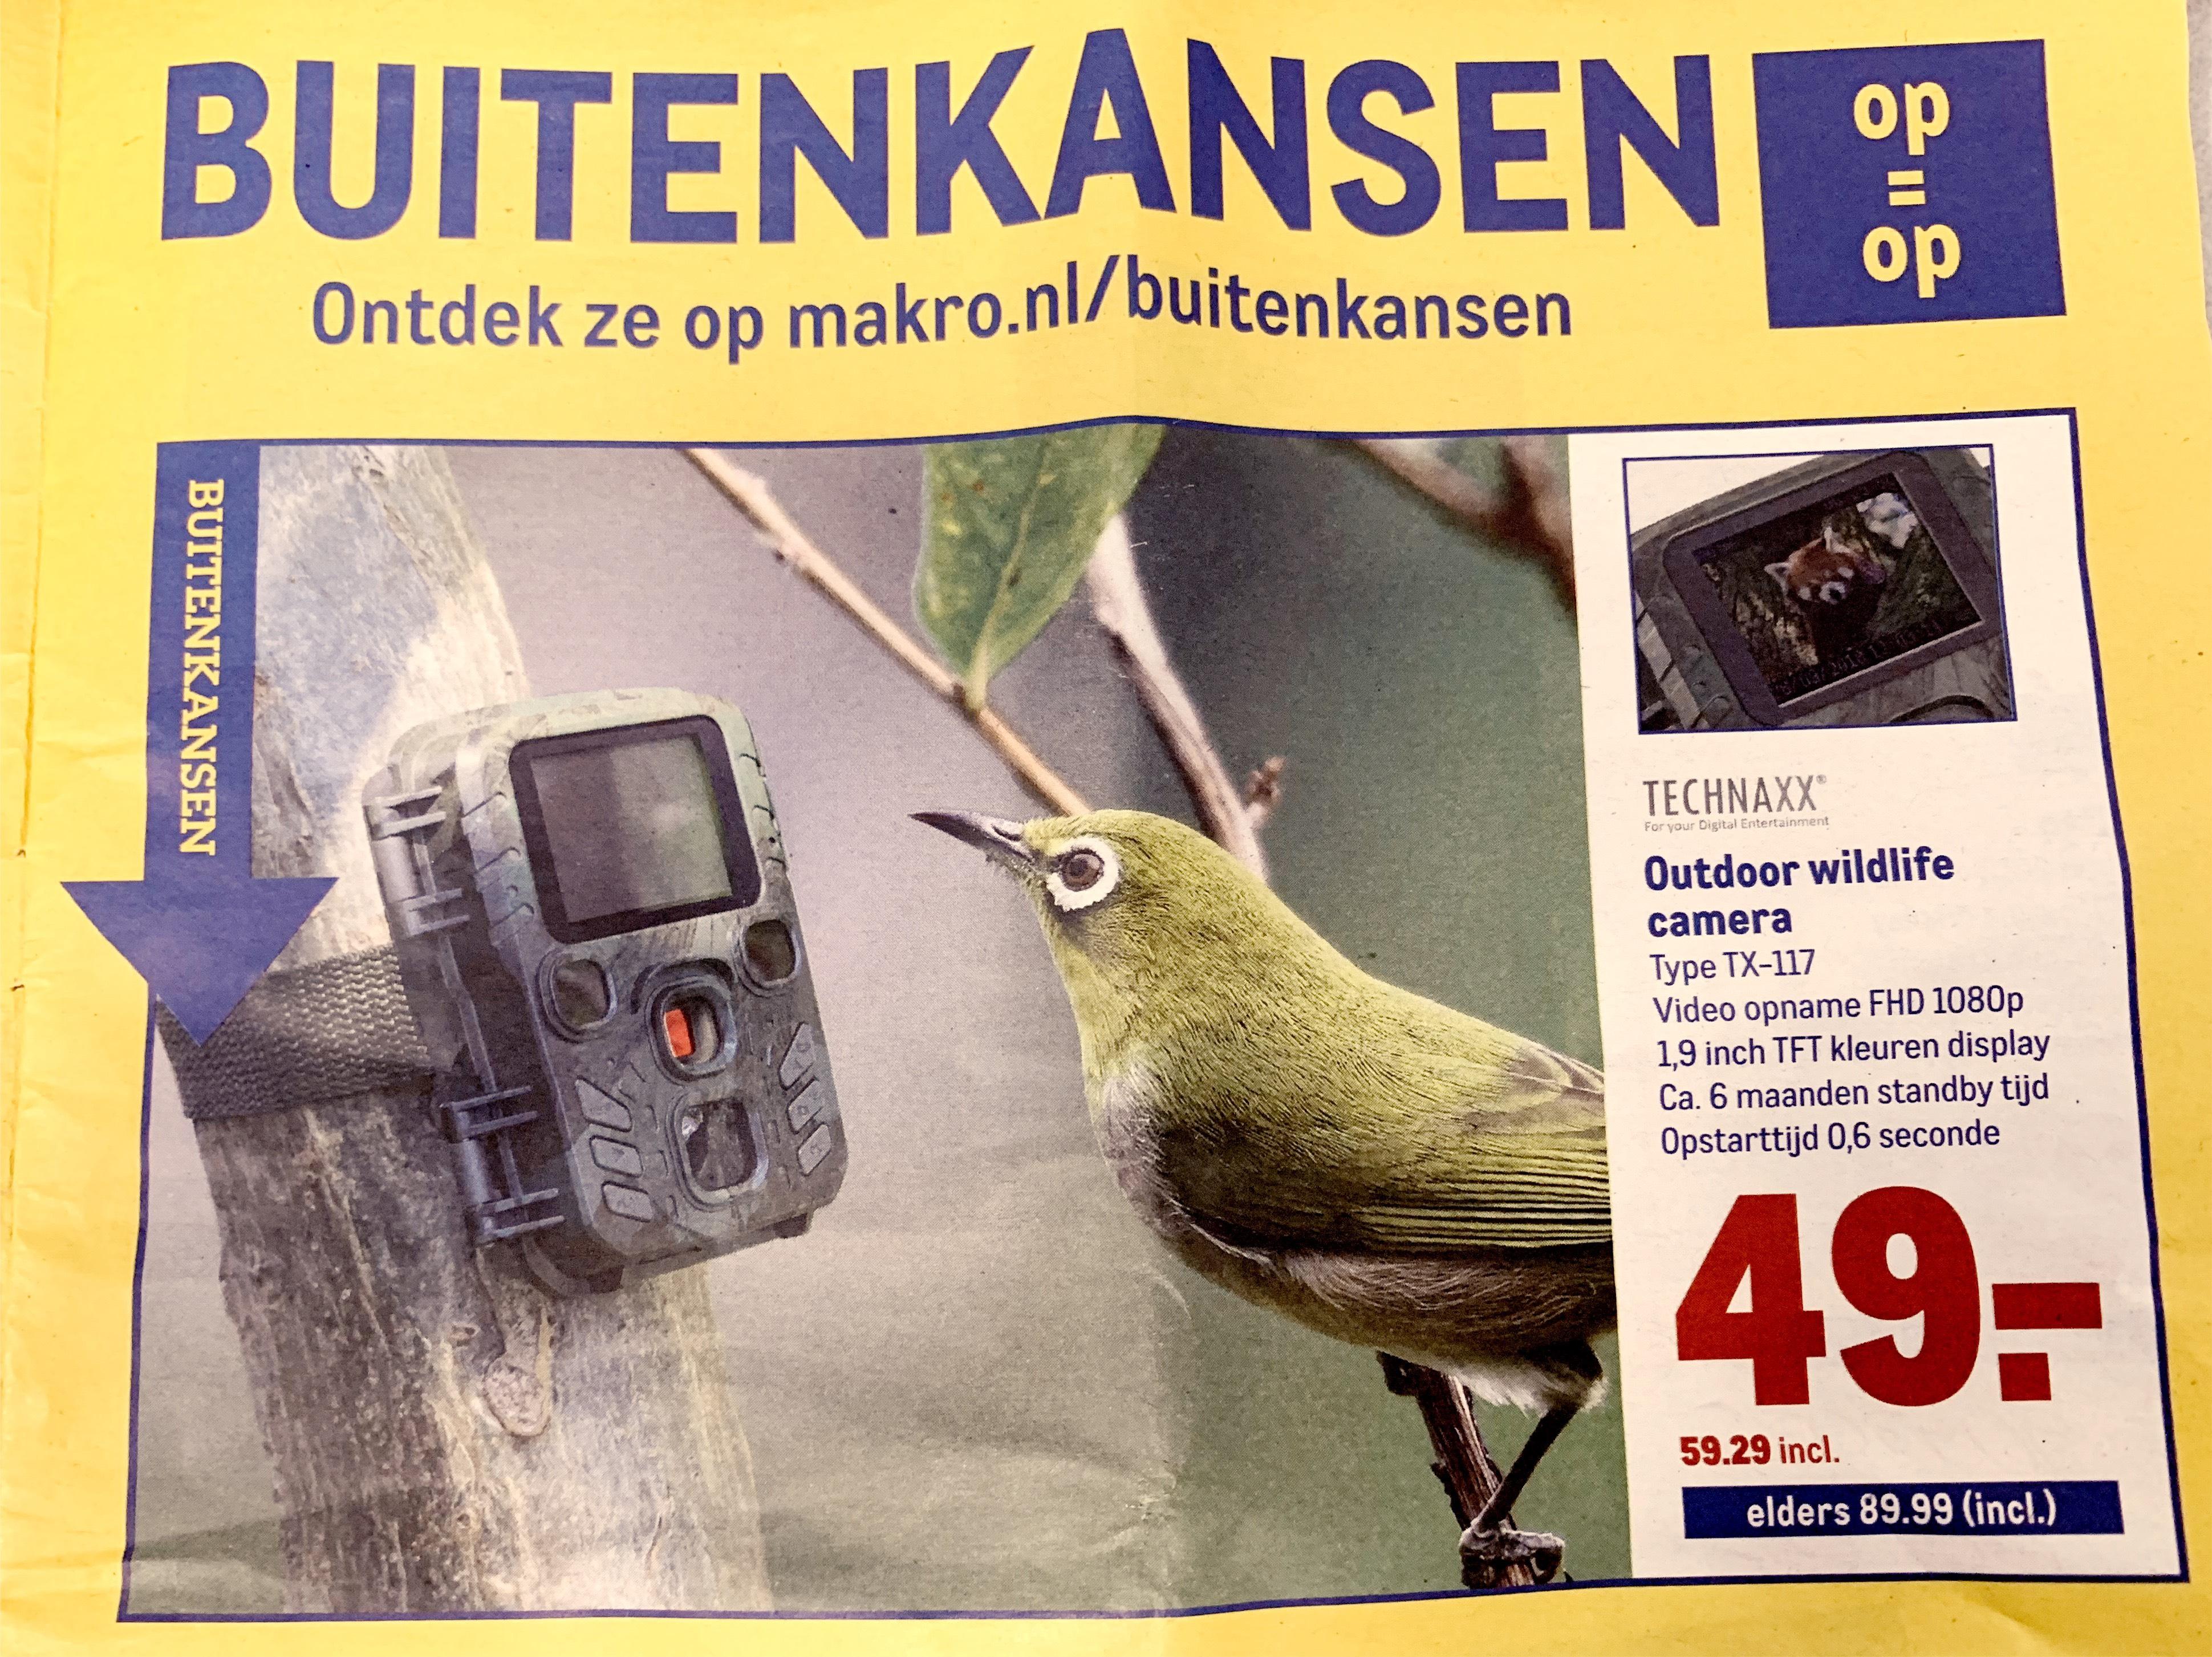 Technaxx outdoor wildlife camera Voor 49,- excl btw bij Makro